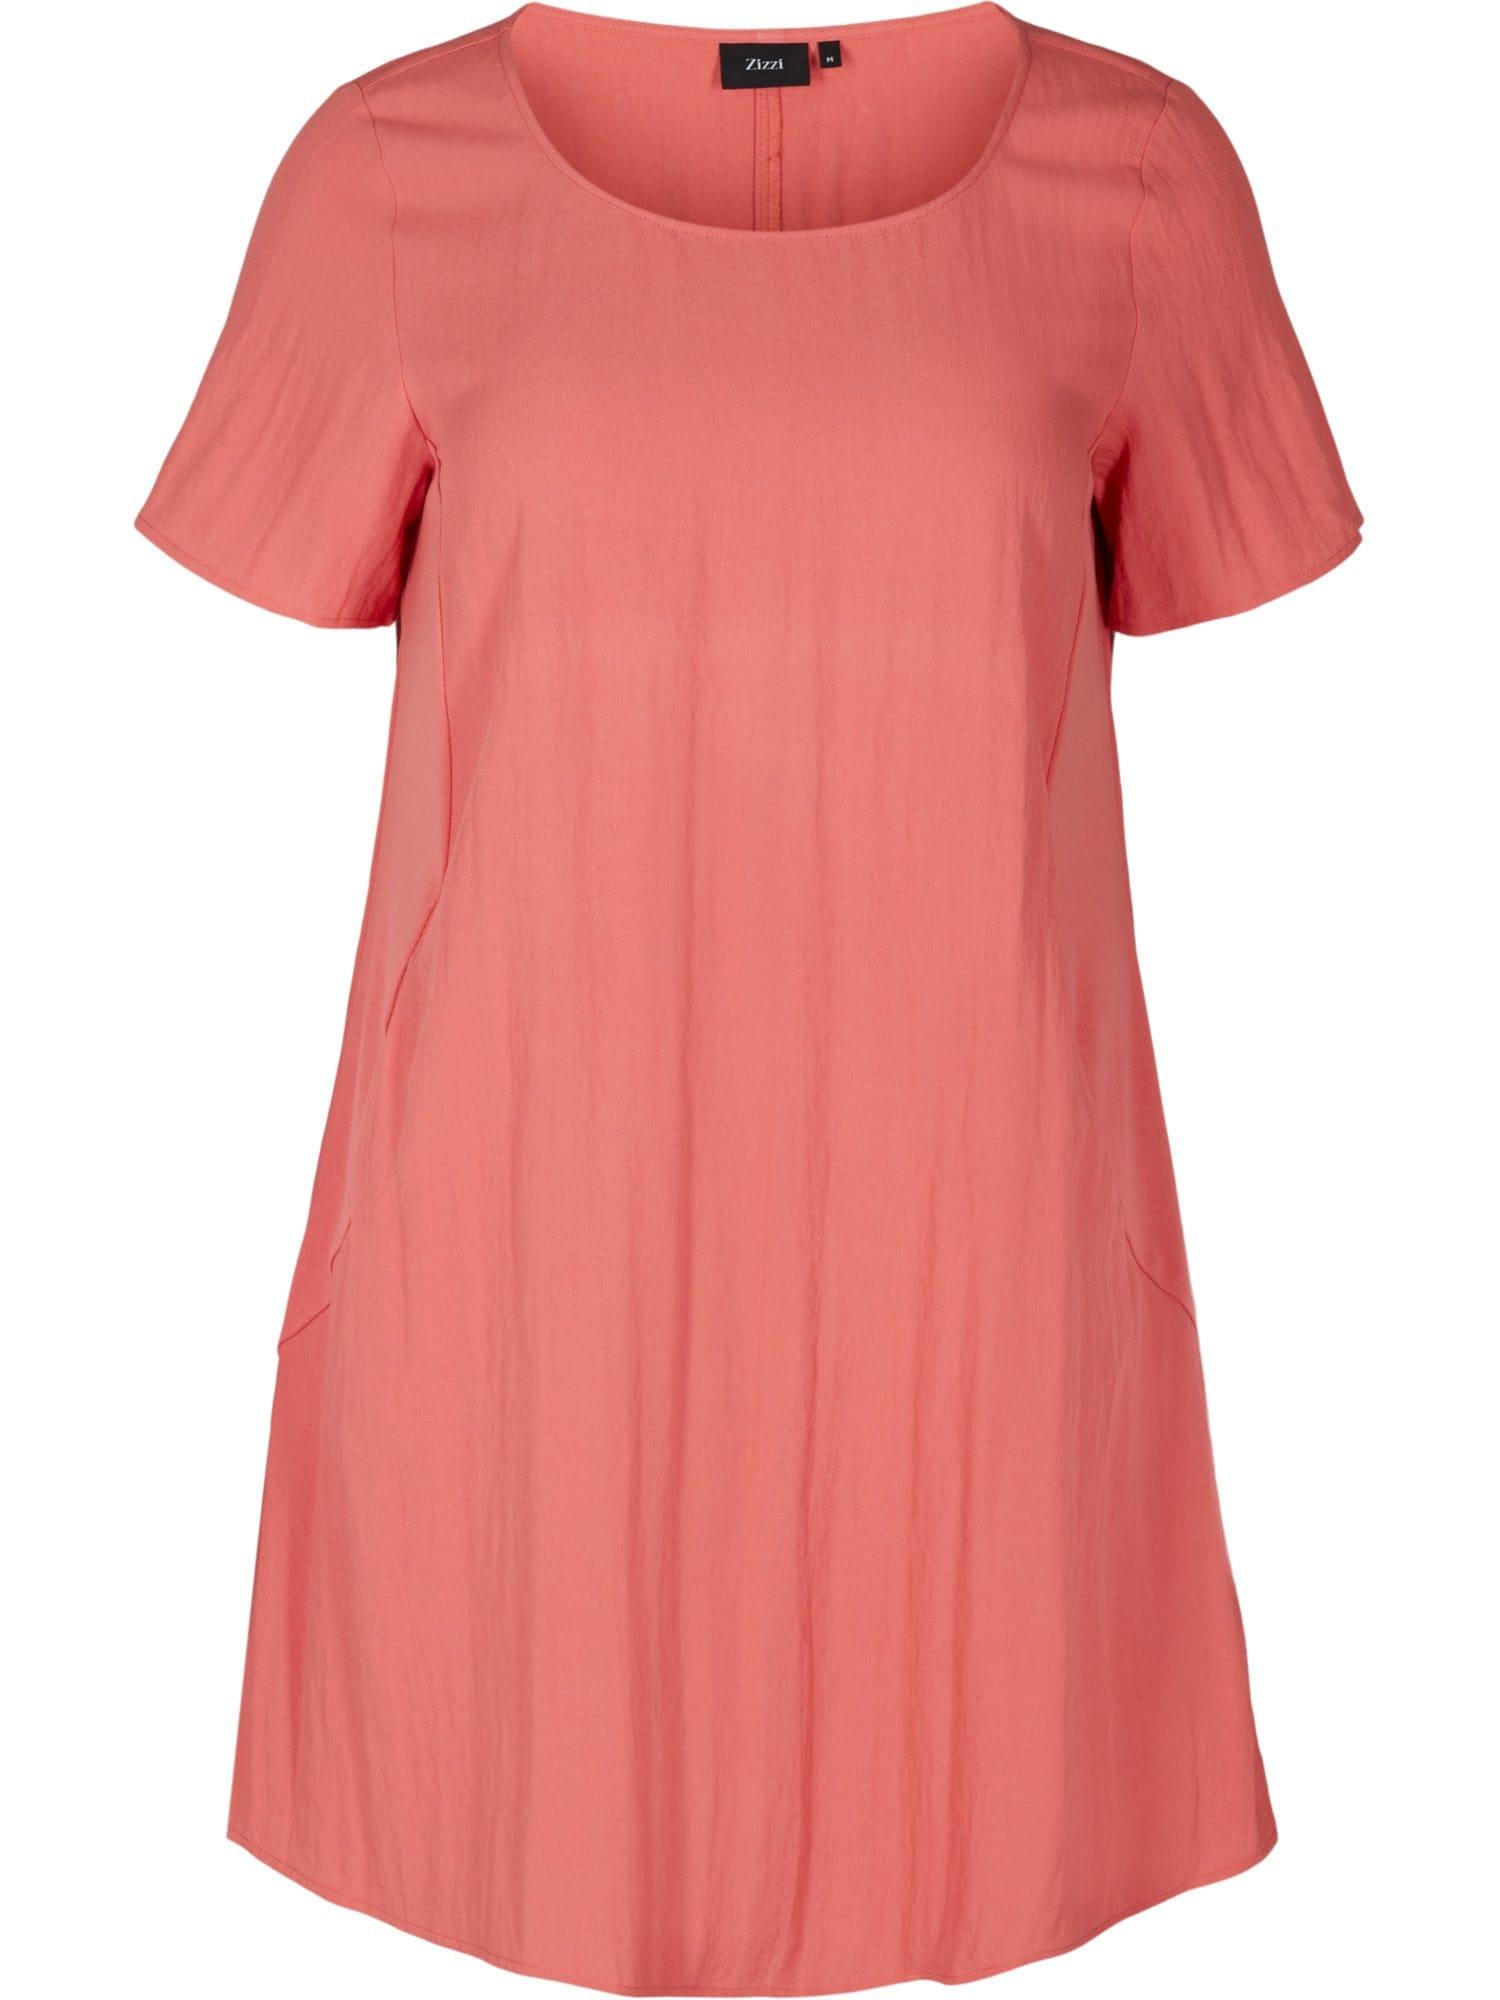 Zizzi Letní šaty 'Vmacy'  melounová